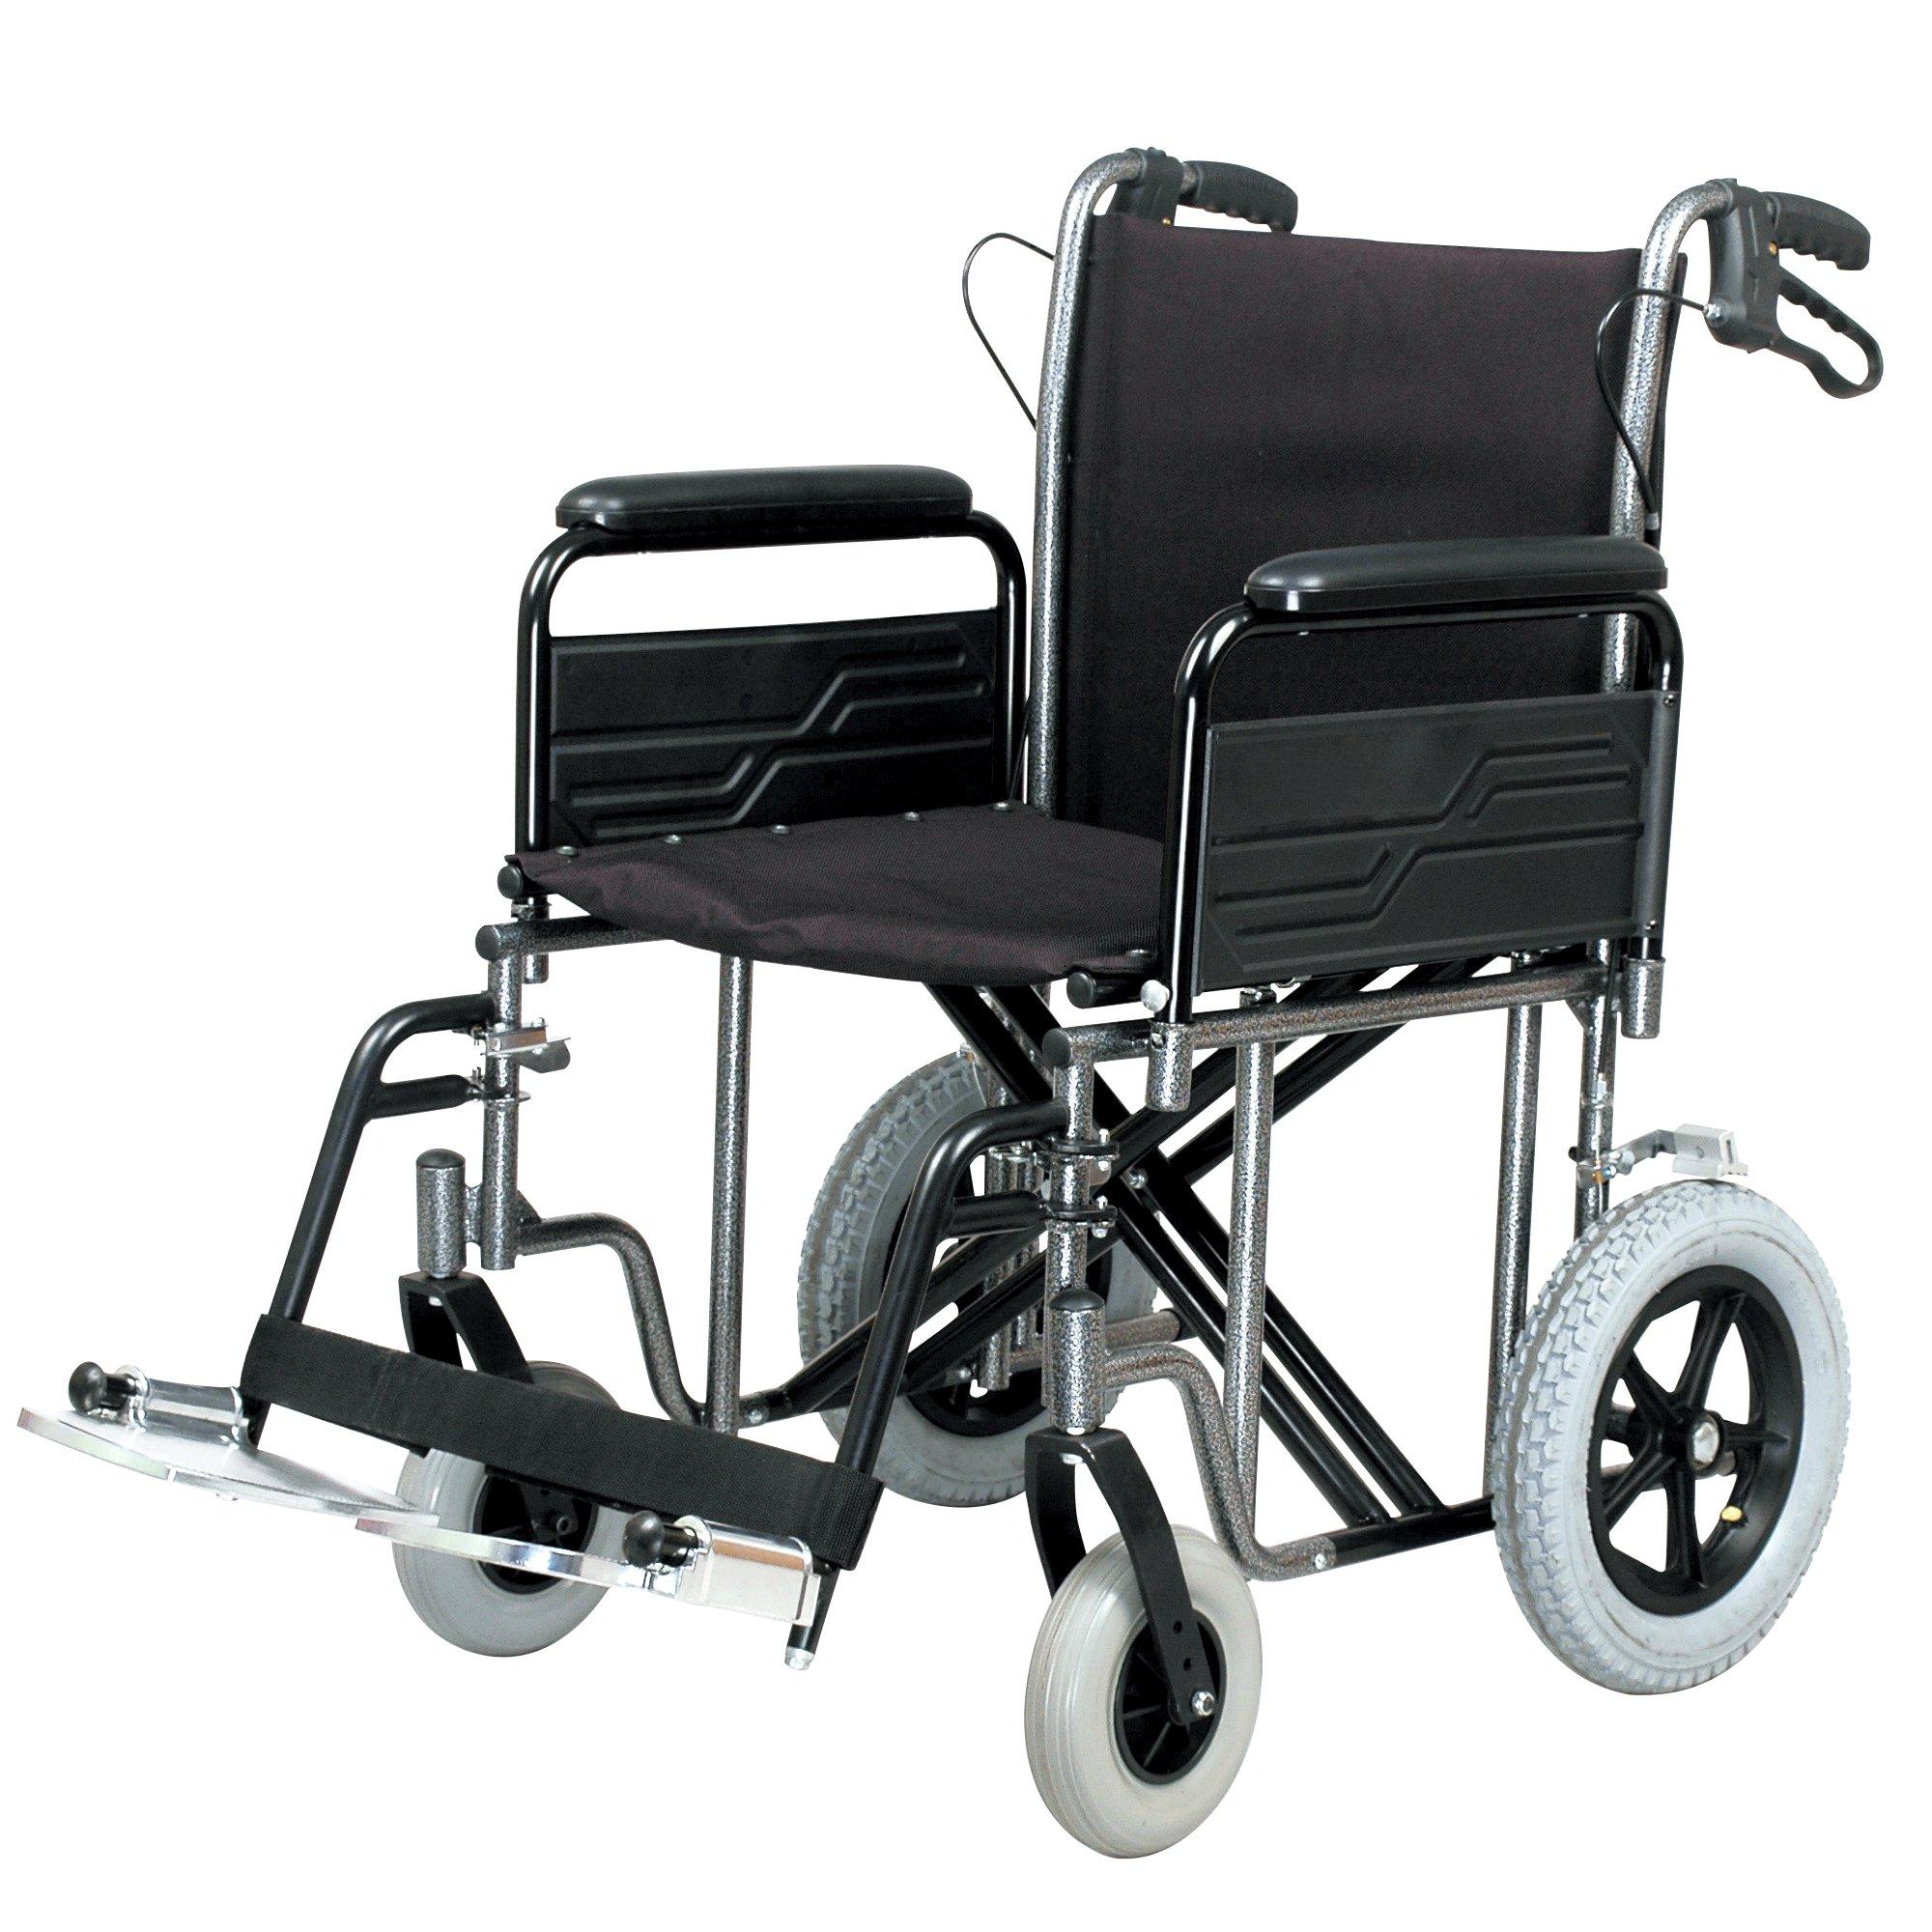 Heavy Duty Car Transit Wheelchair